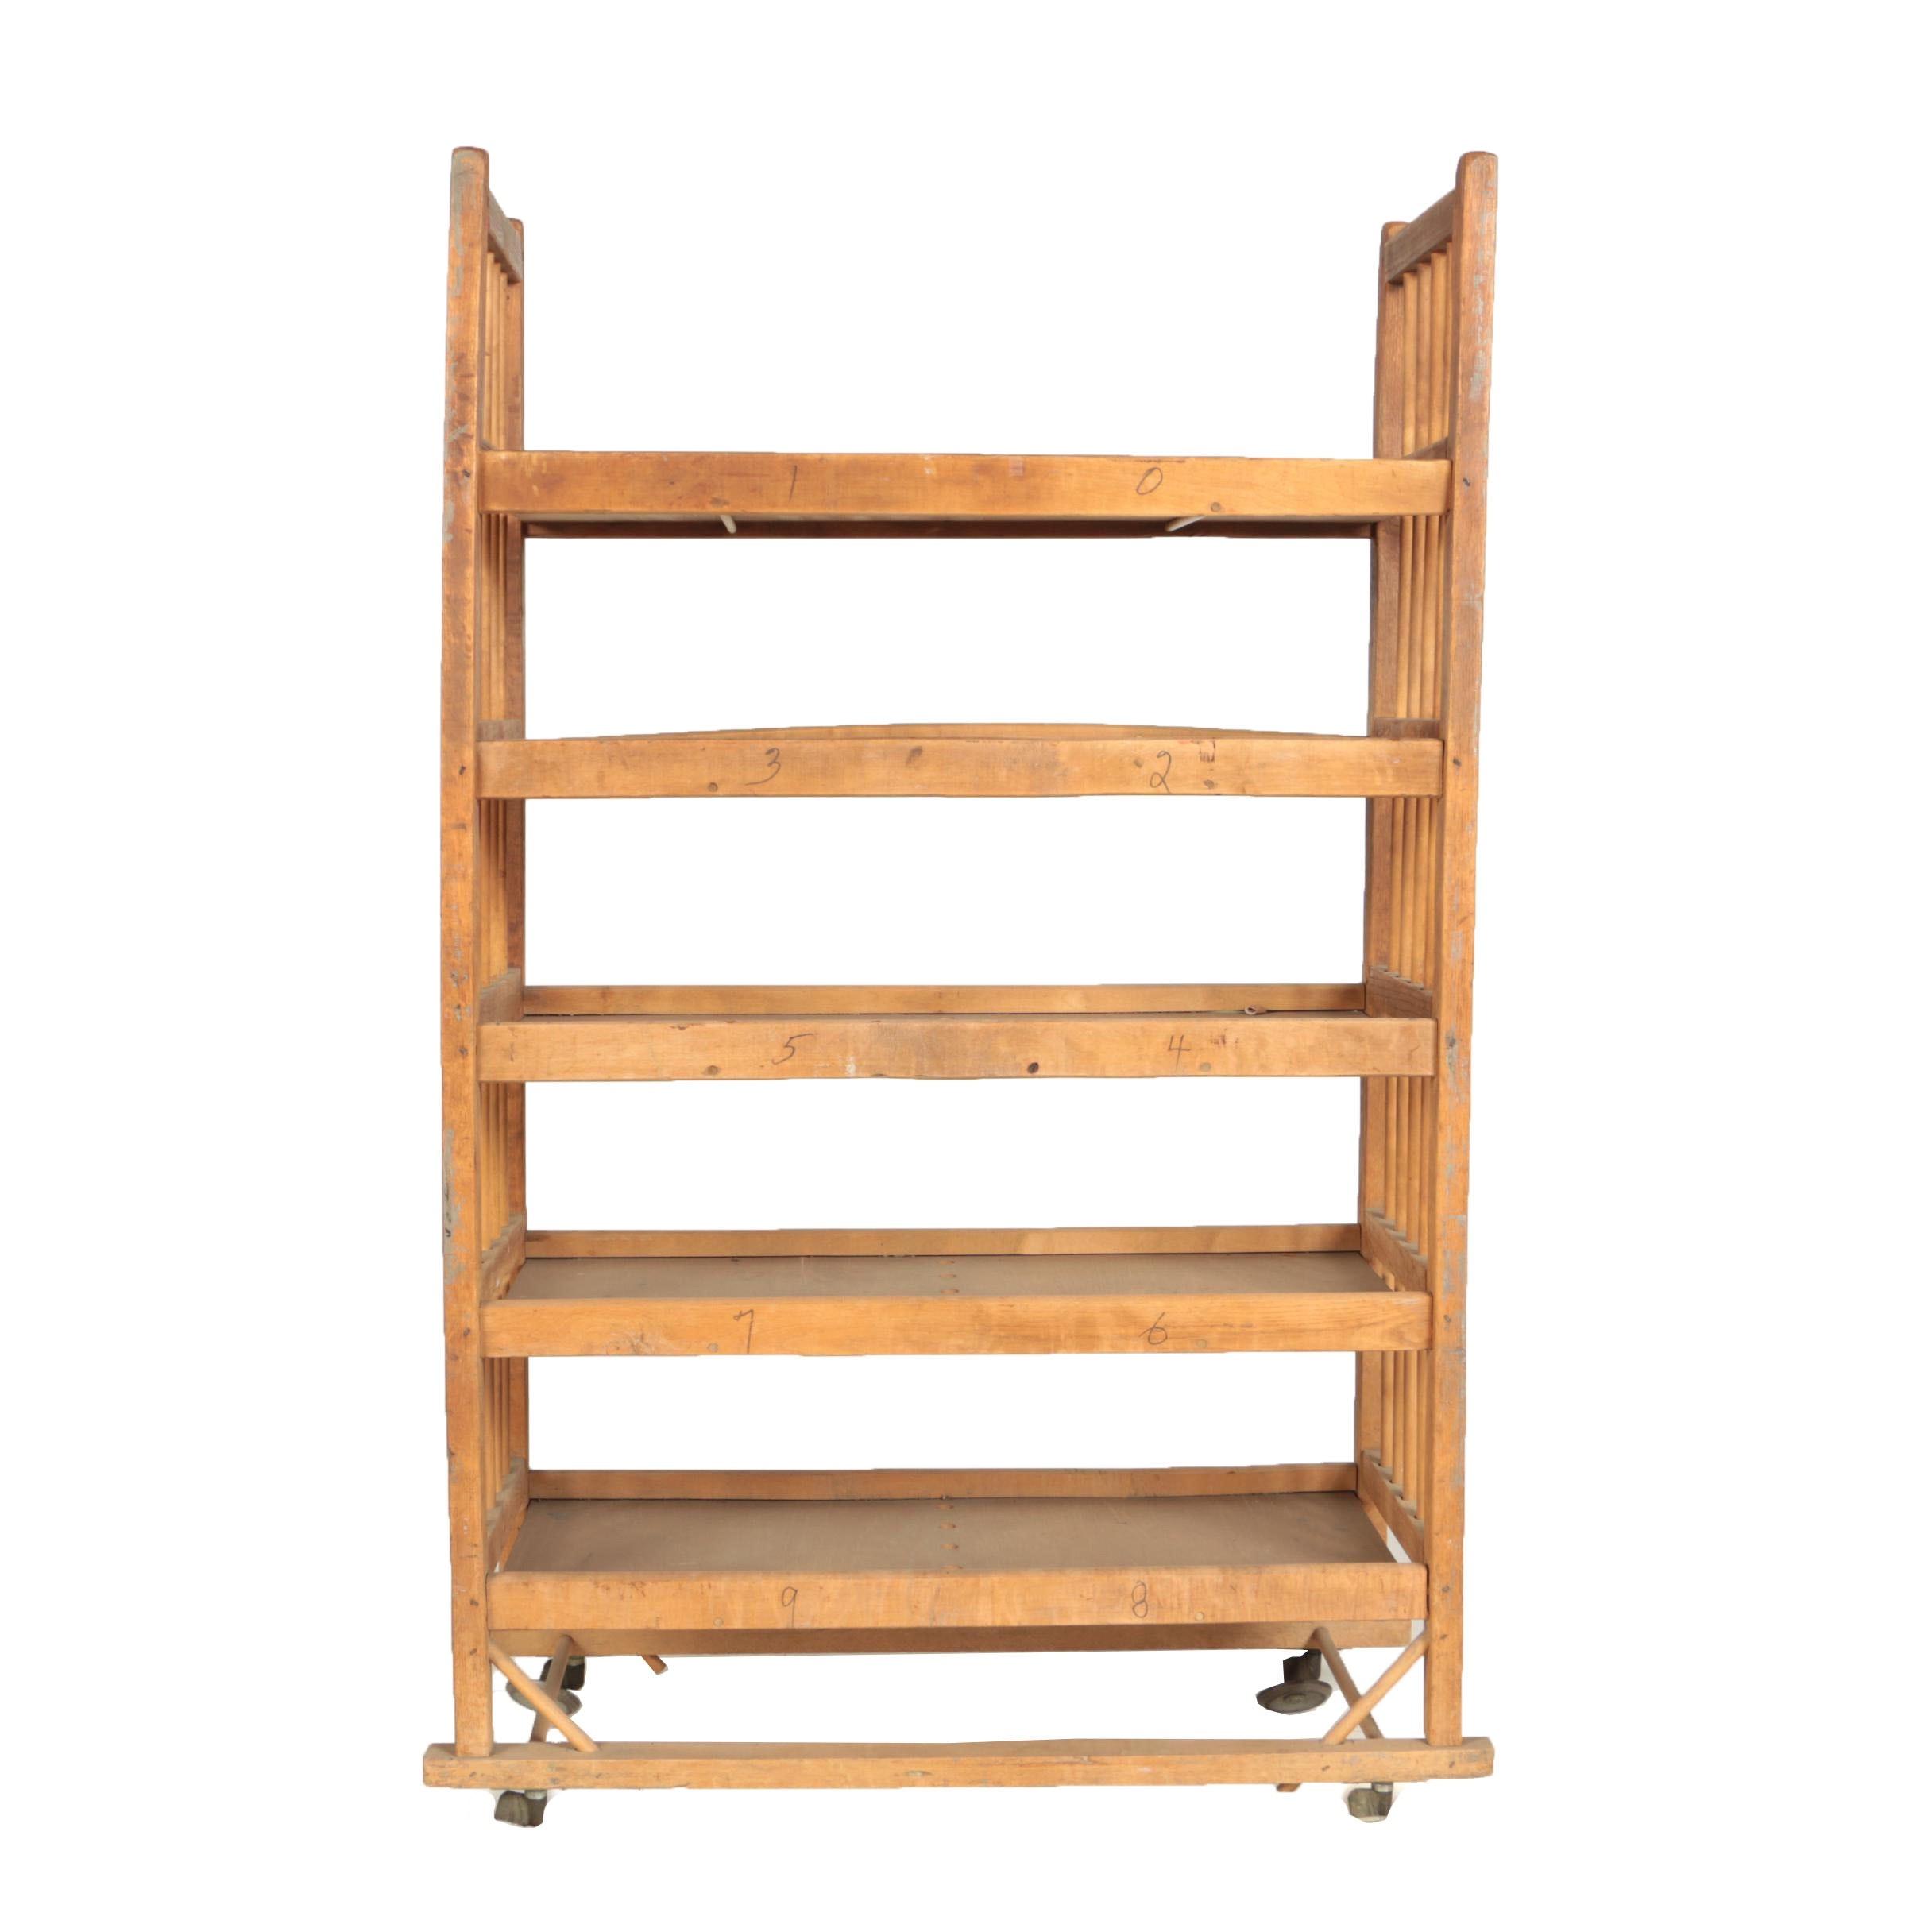 Wooden Five-Tier Industrial Rolling Shoe Rack, Mid 20th Century